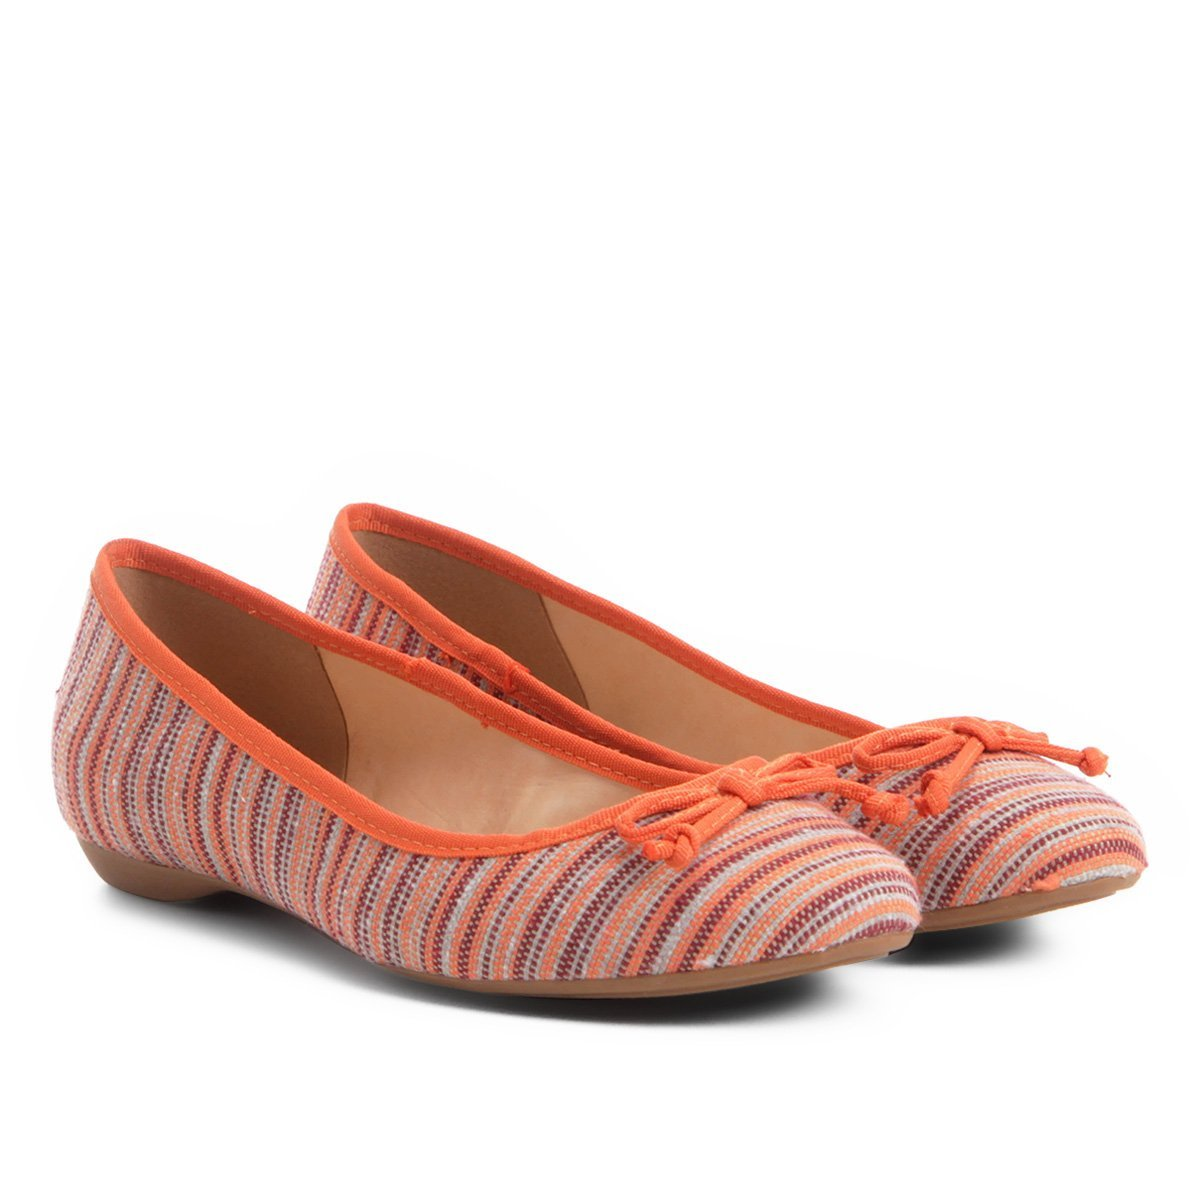 d5d42474fd Sapatilha Shoestock Estampada Feminina